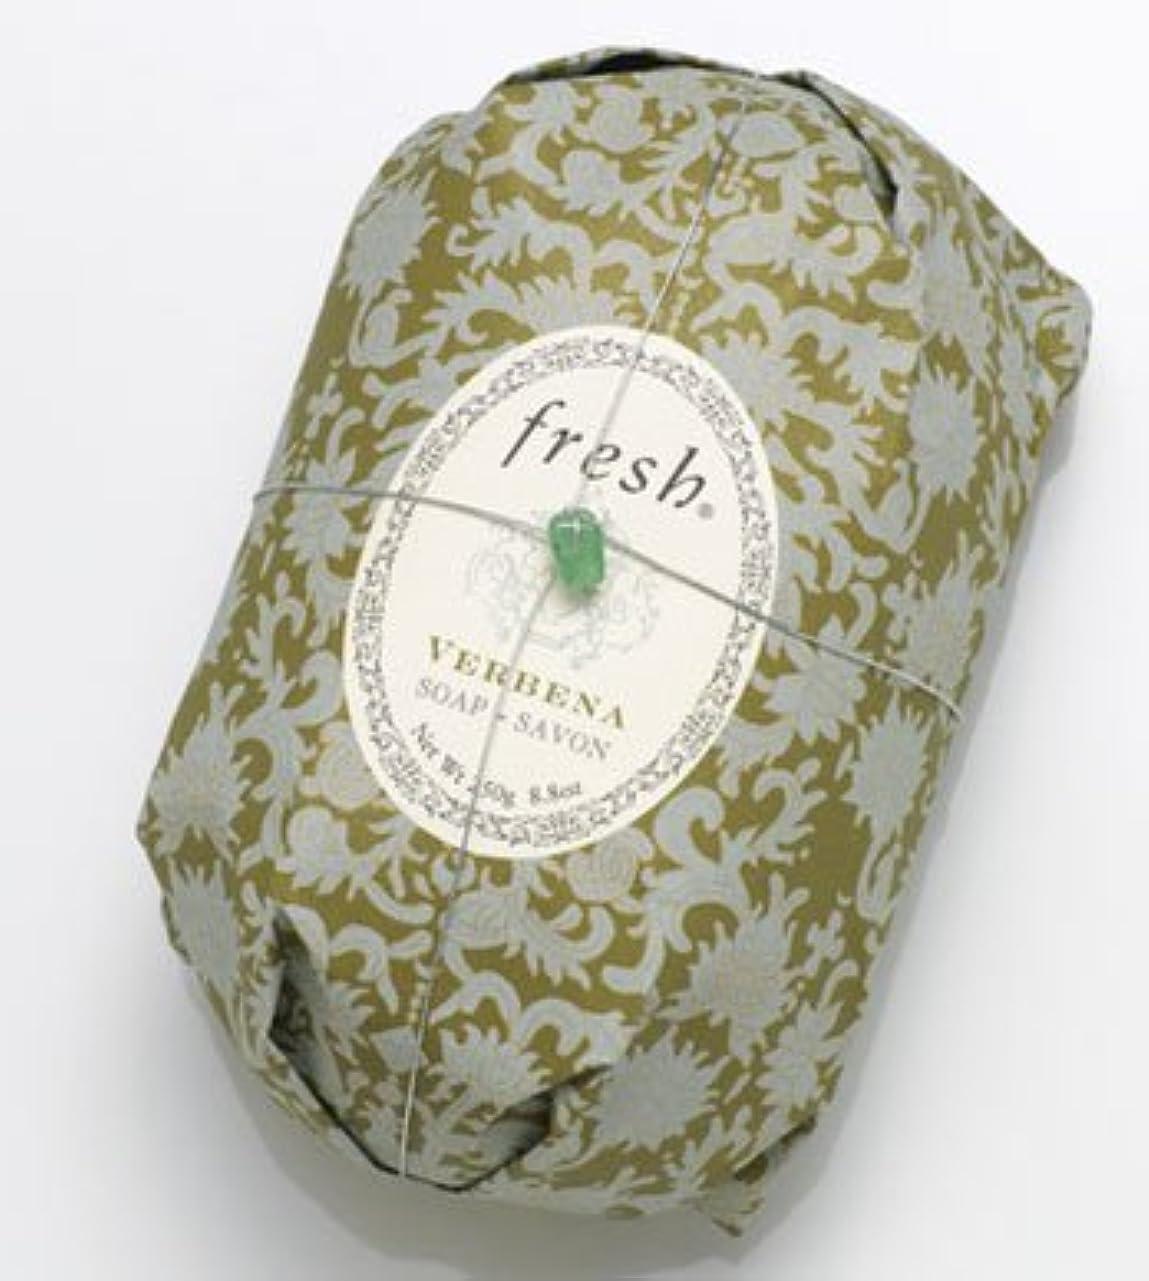 主観的させる漏斗Fresh VERBENA SOAP (フレッシュ バーベナ ソープ) 8.8 oz (250g) Soap (石鹸) by Fresh